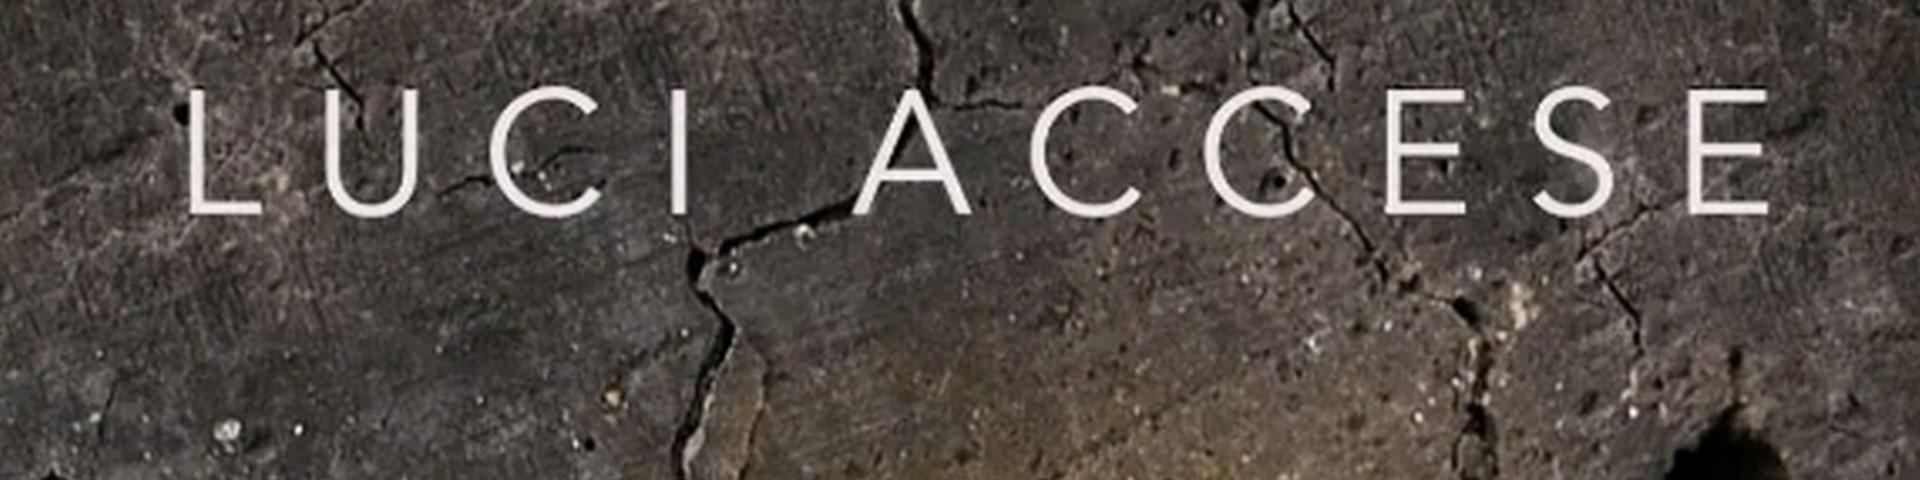 """Martina Beltrami: """"Luci accese"""" è il singolo in uscita il 12 giugno"""